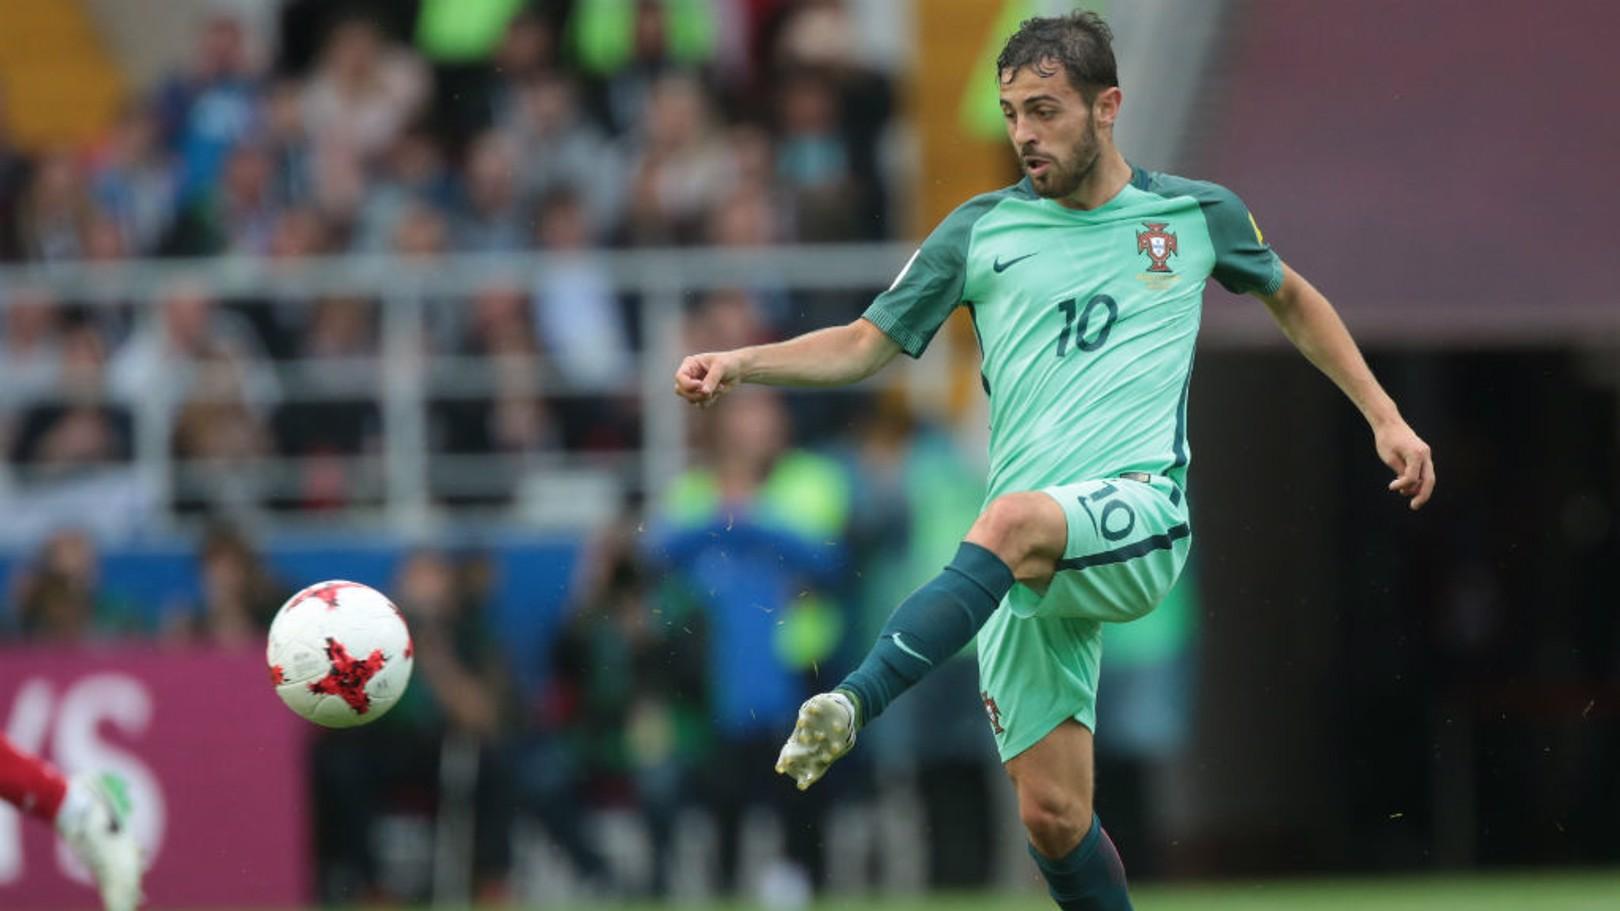 QUARTOS-DE-FINAL: Bernardo Silva foi instrumental para que Portugal alcançasse as semifinais.